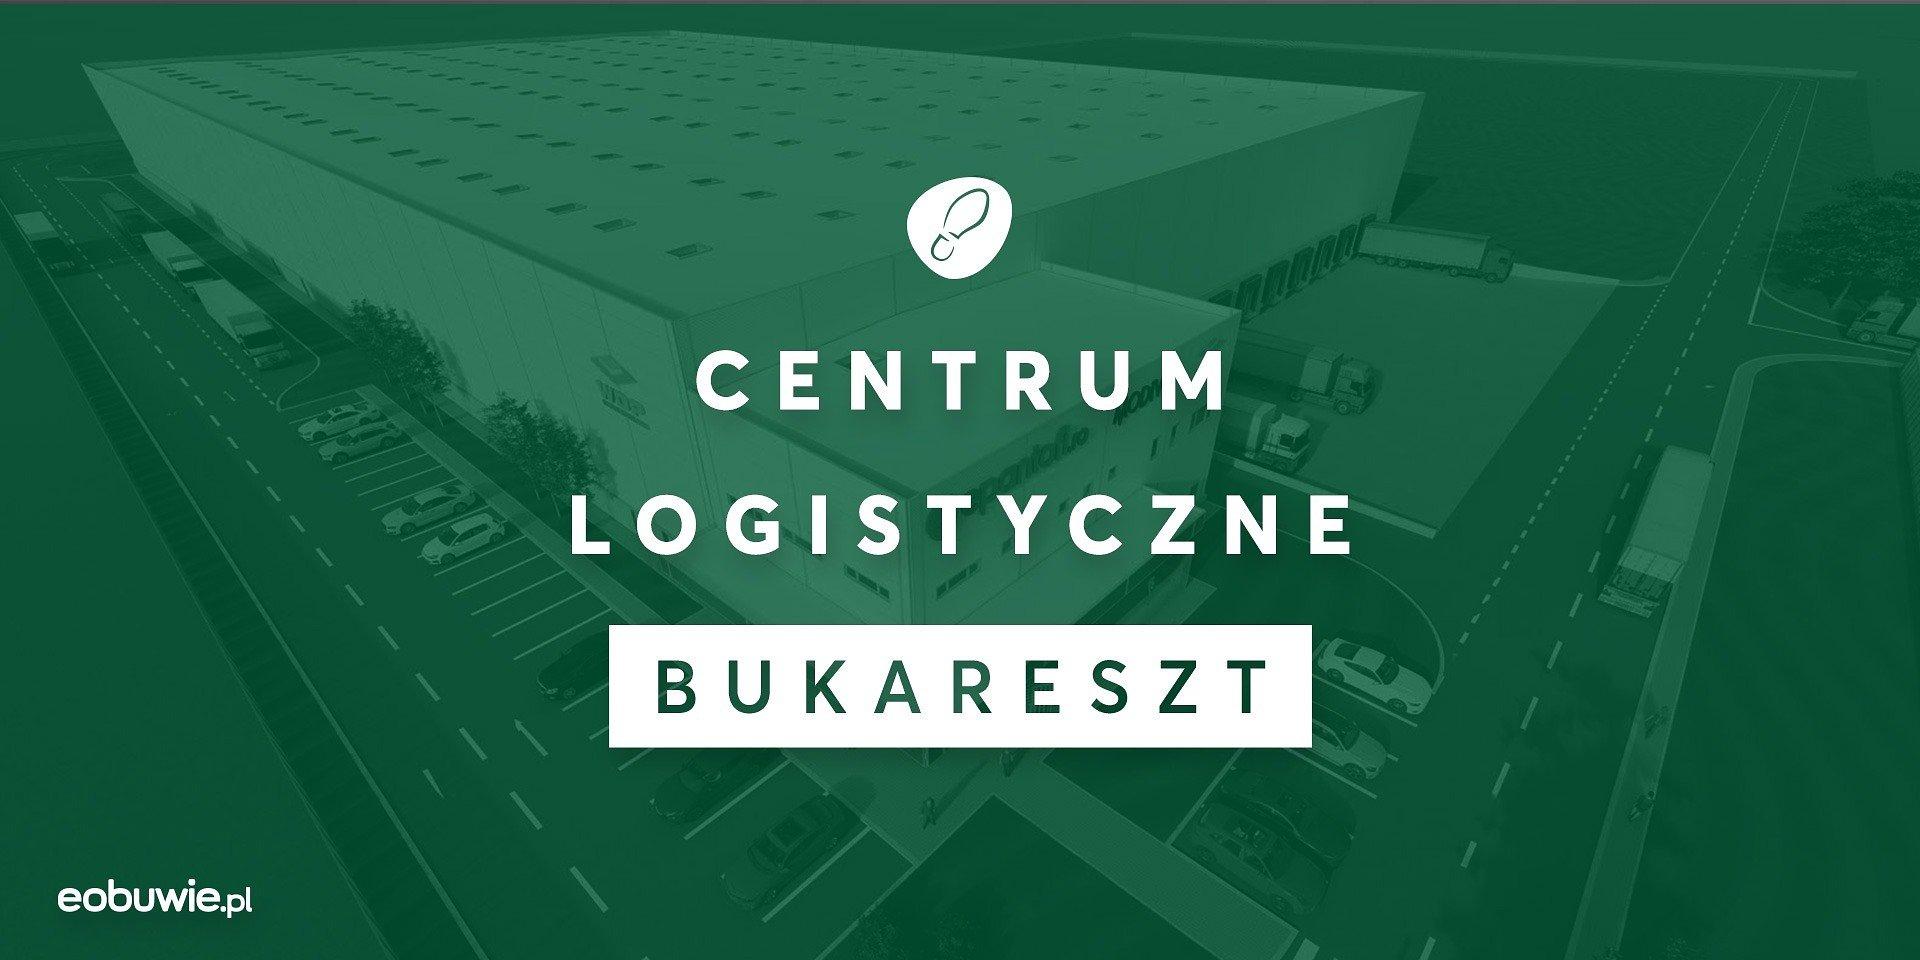 Eobuwie.pl otwiera nowe centrum dystrybucyjne w Bukareszcie